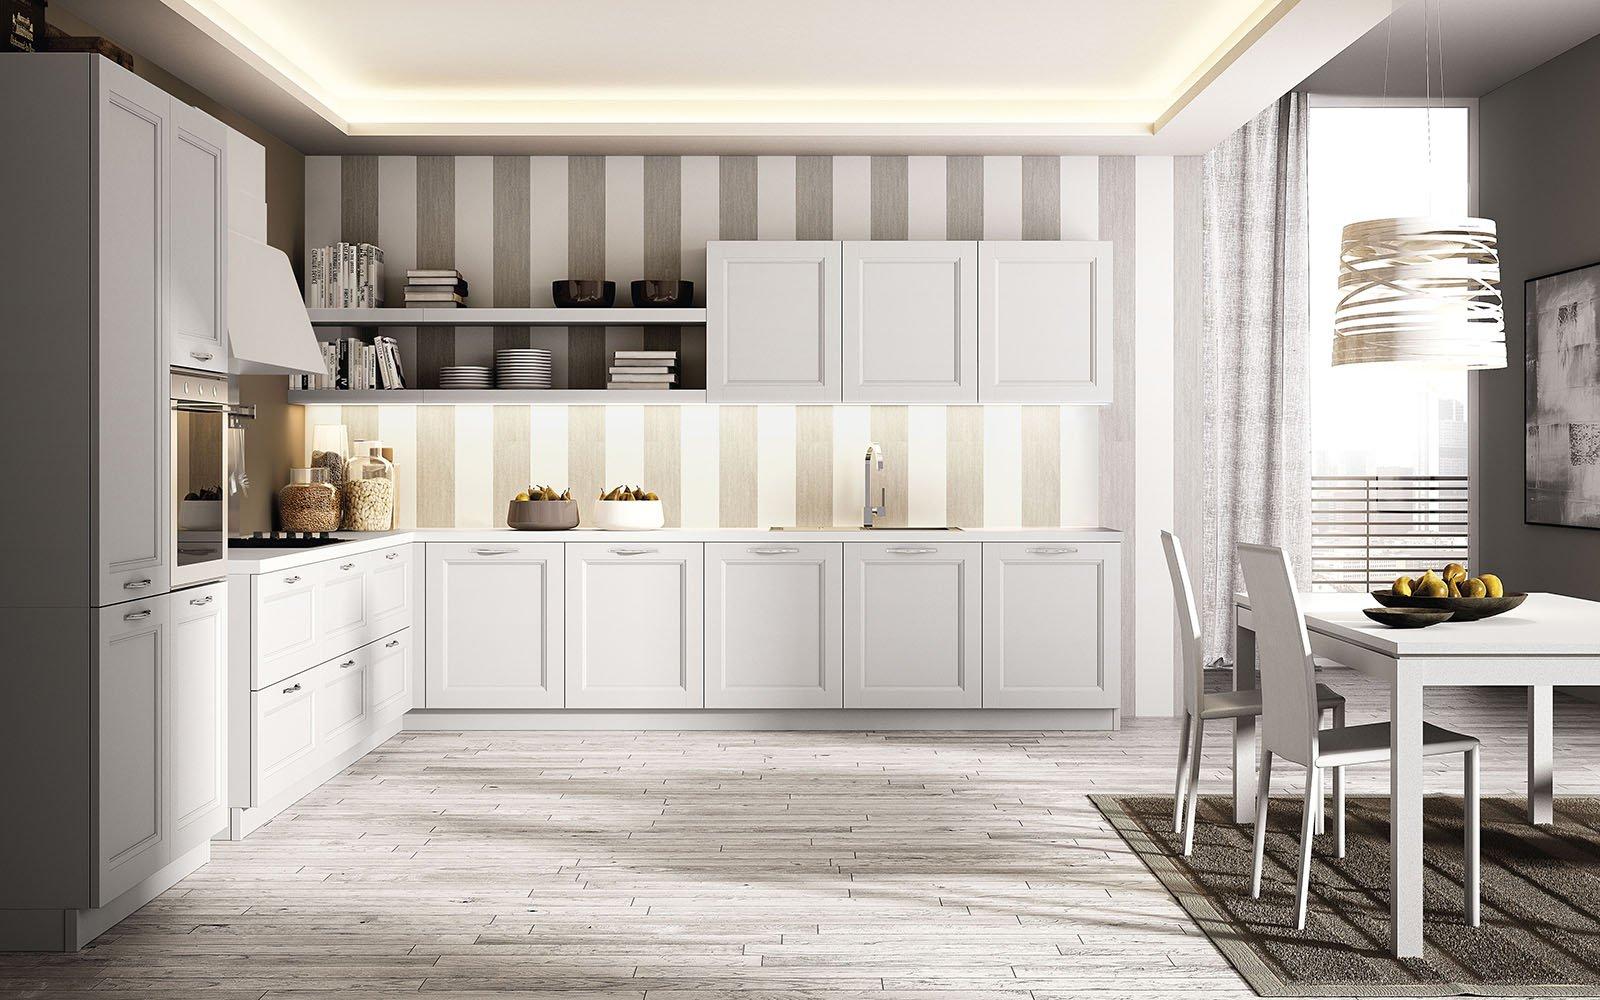 Cucine Berloni cucine berloni classiche : 100+ [ Cucine Moderne Berloni Prezzi ] | Awesome Cucine Moderne ...